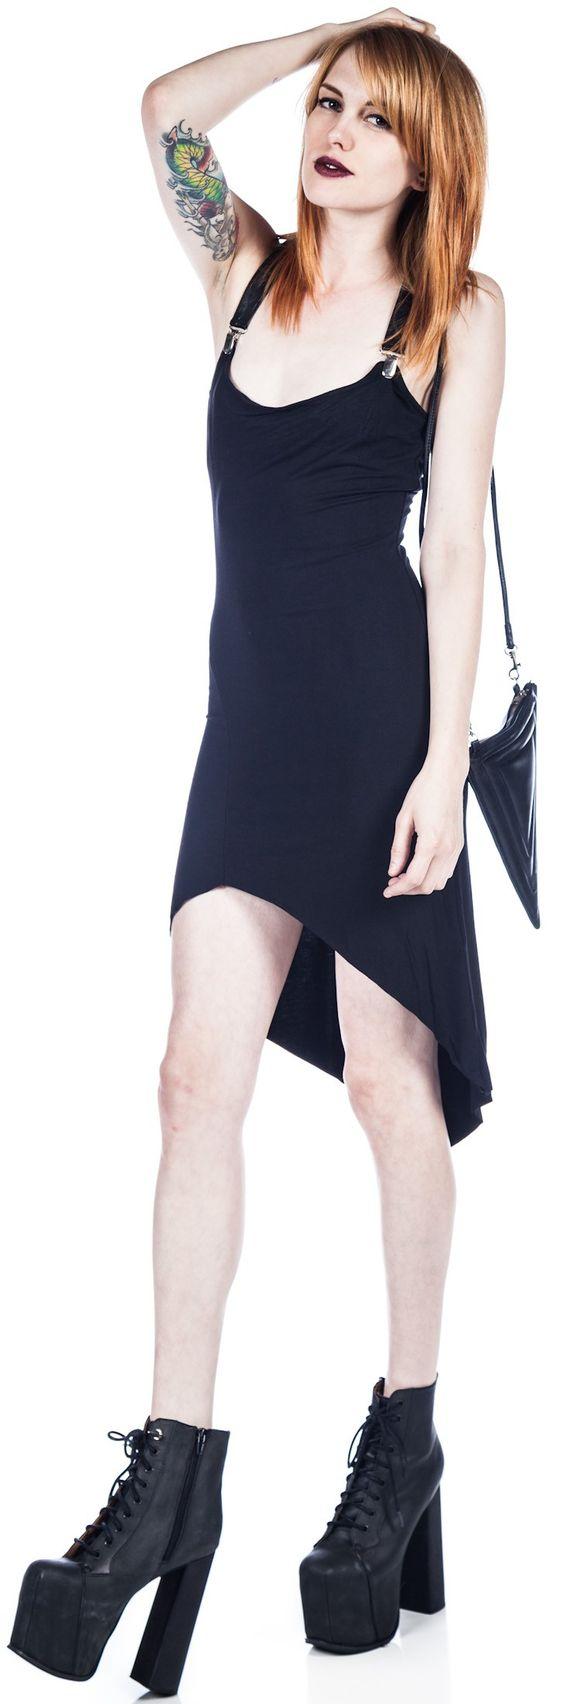 widow garter dress